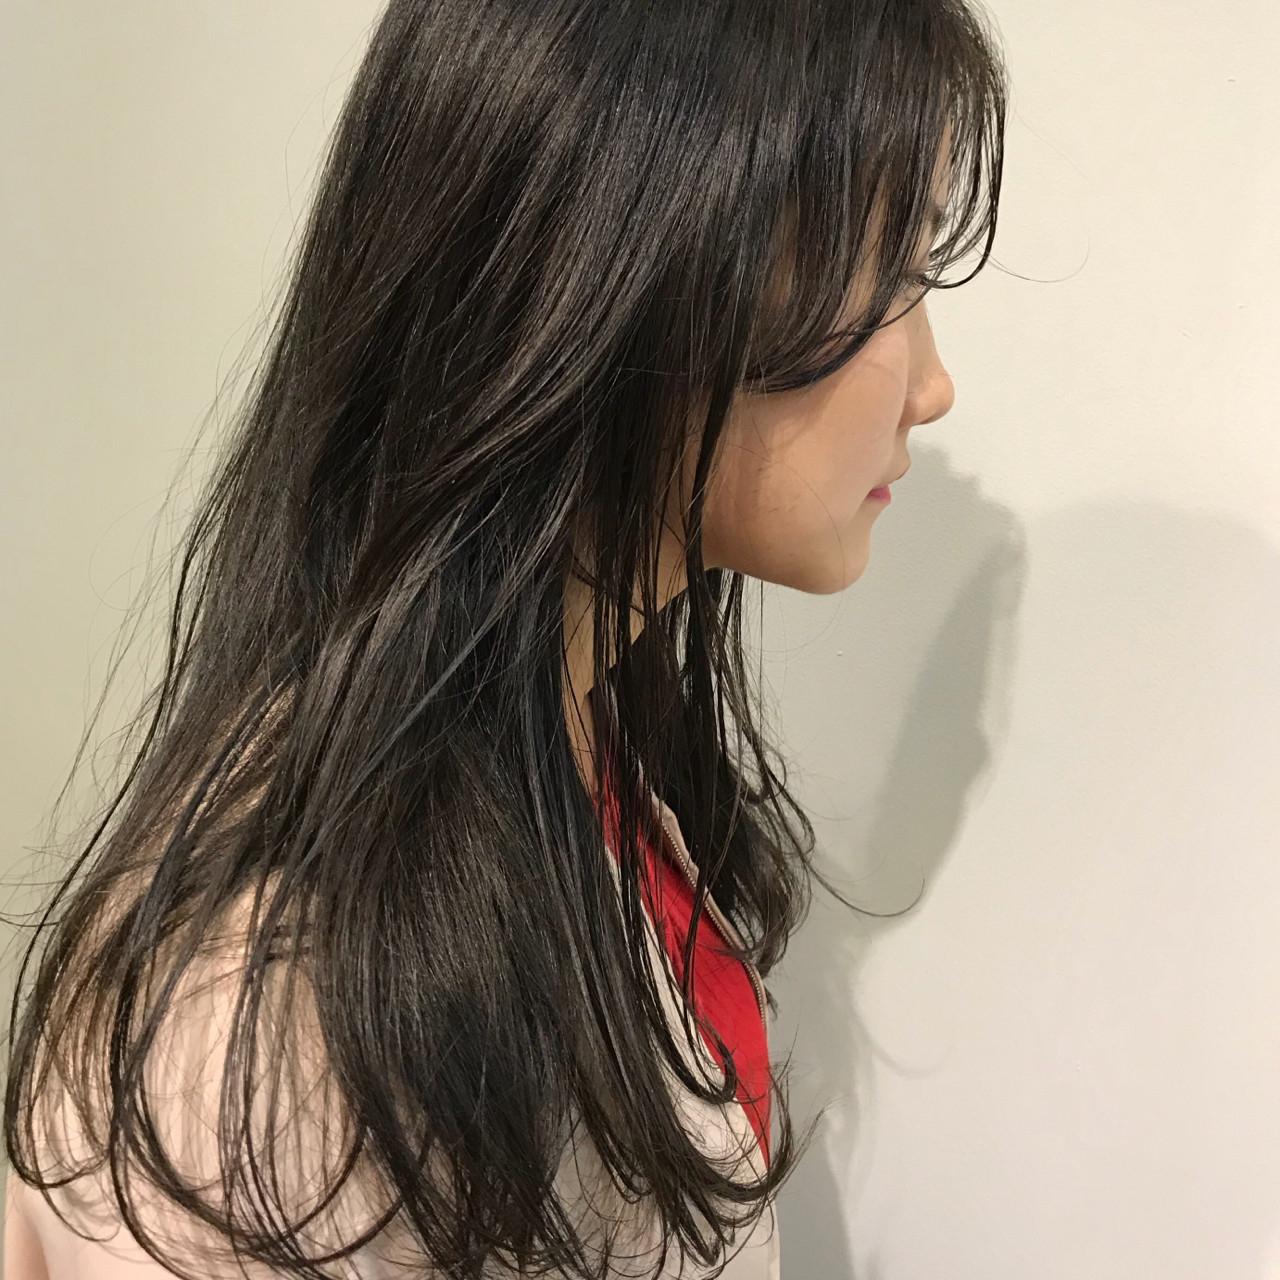 b|黒髪ロングのウェットヘア